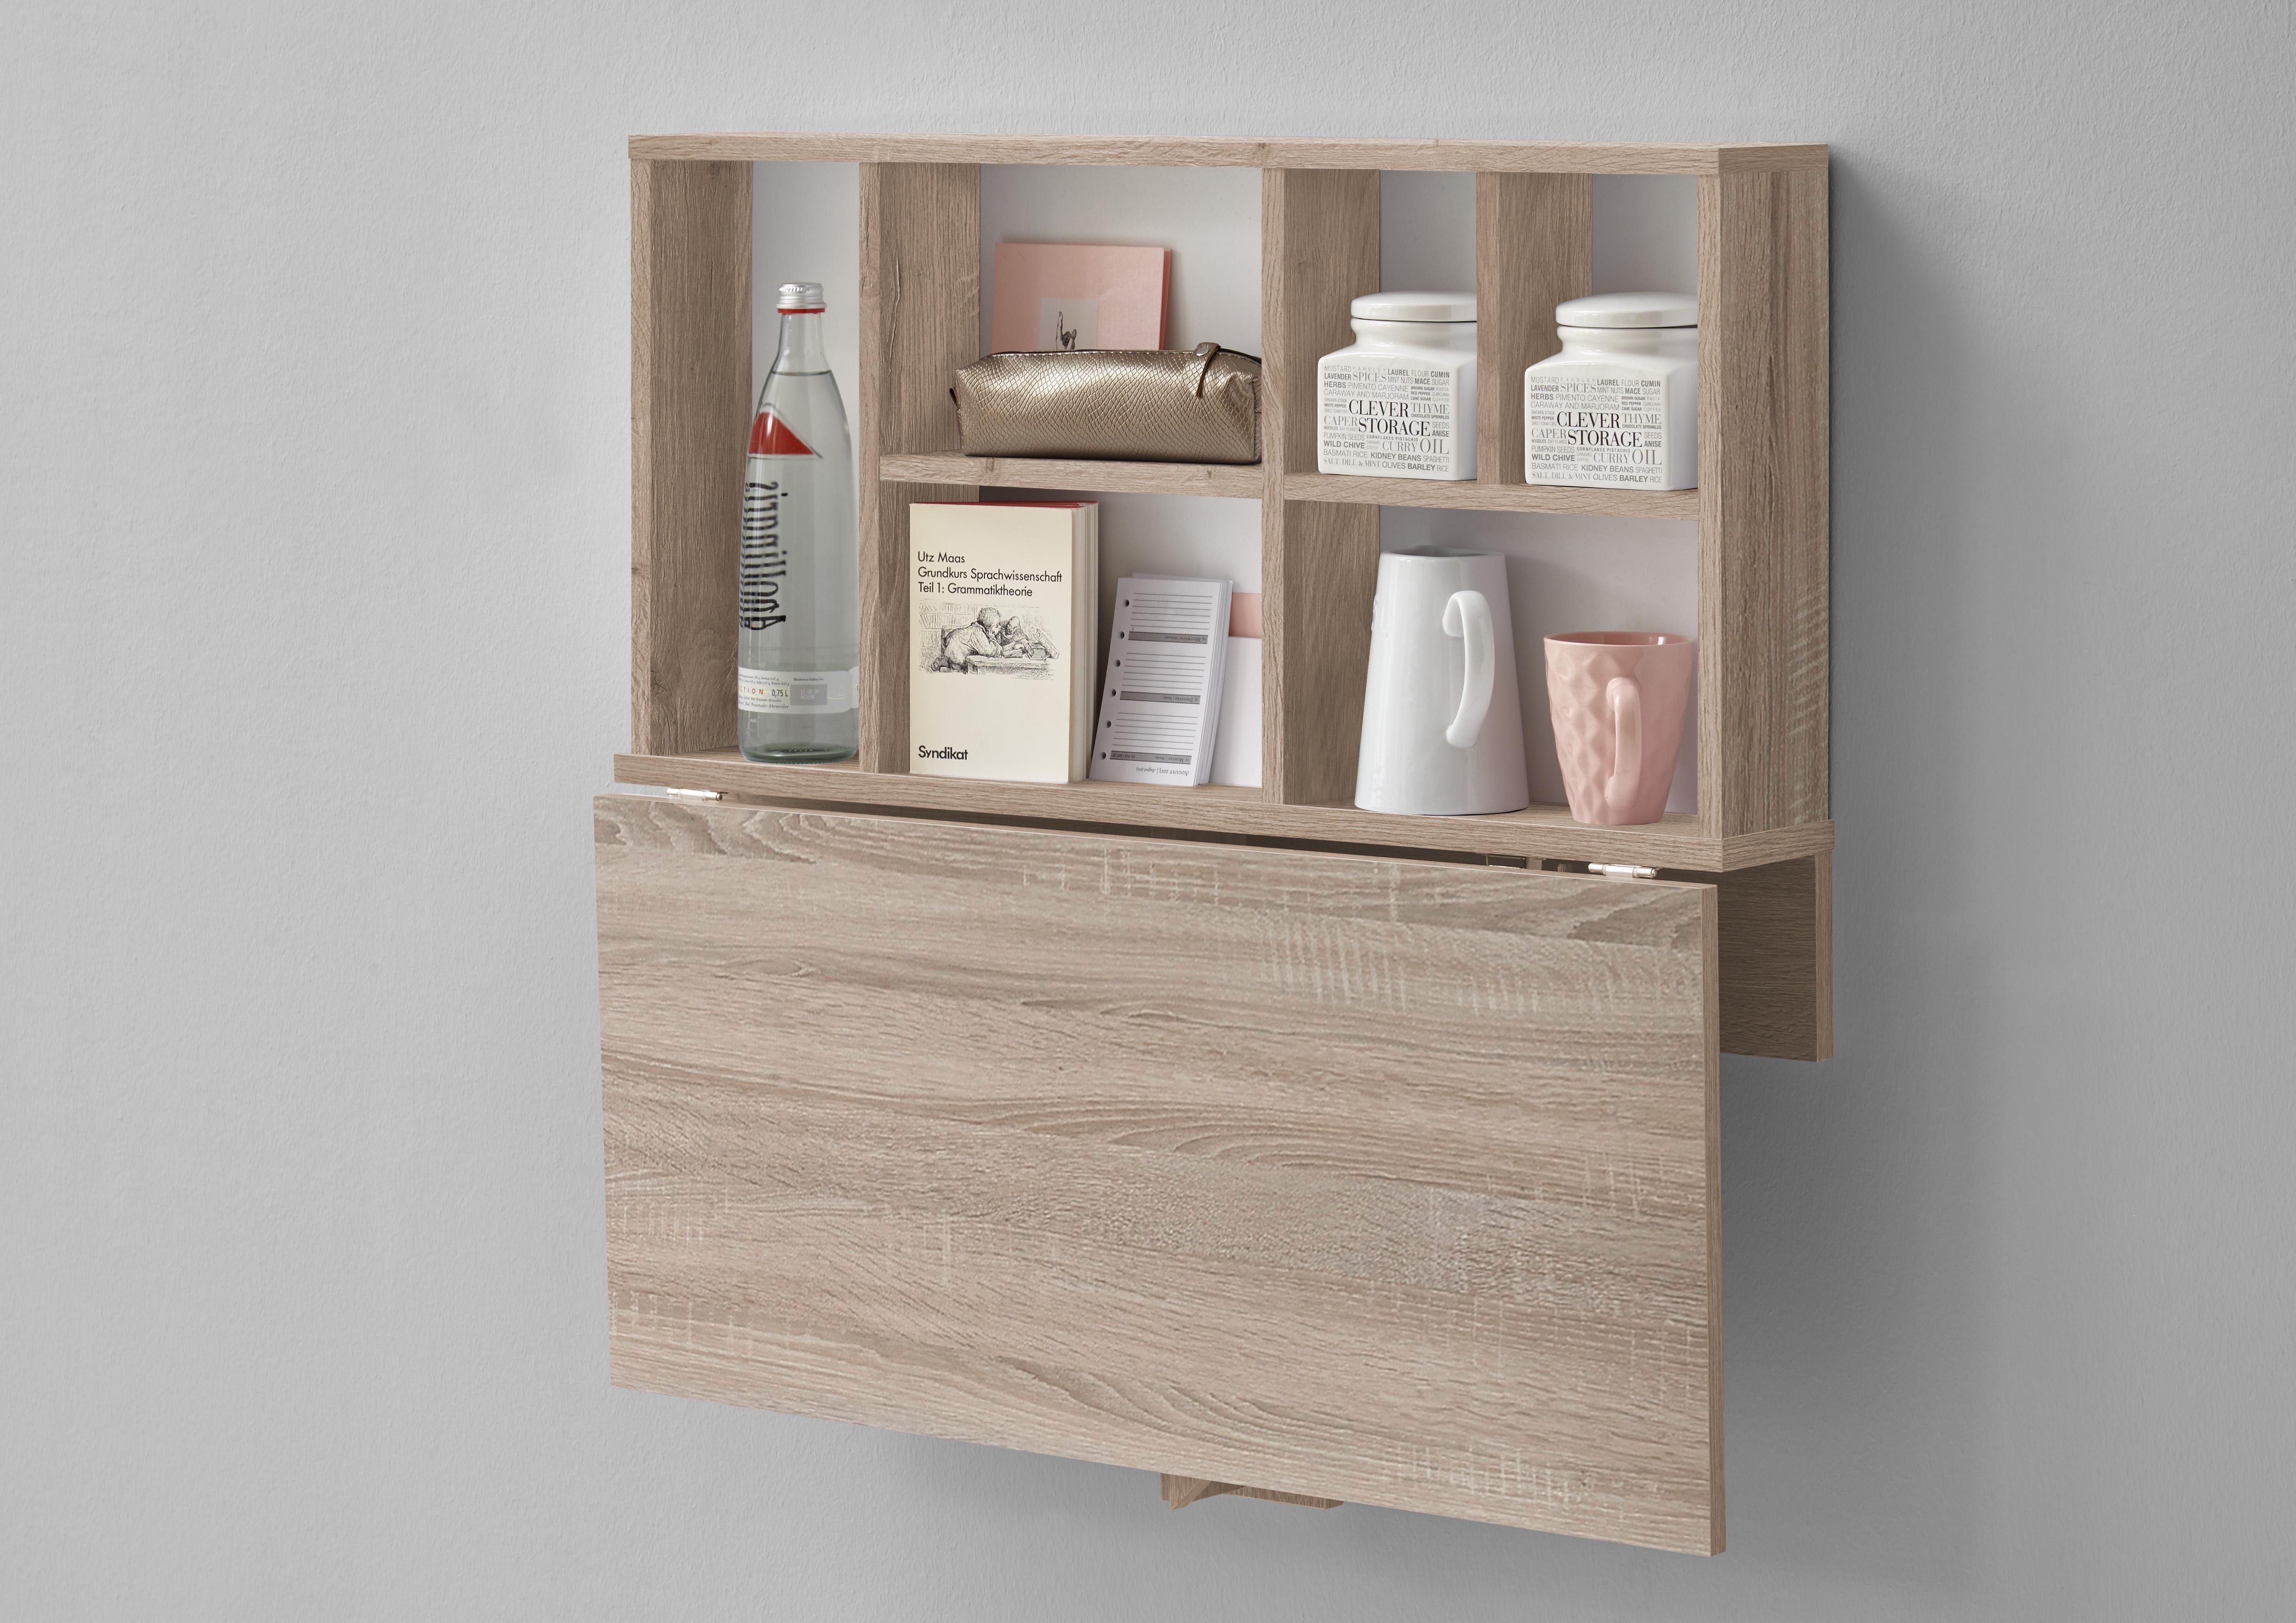 arta 2 klapptisch inkl regal von fmd eiche weiss. Black Bedroom Furniture Sets. Home Design Ideas